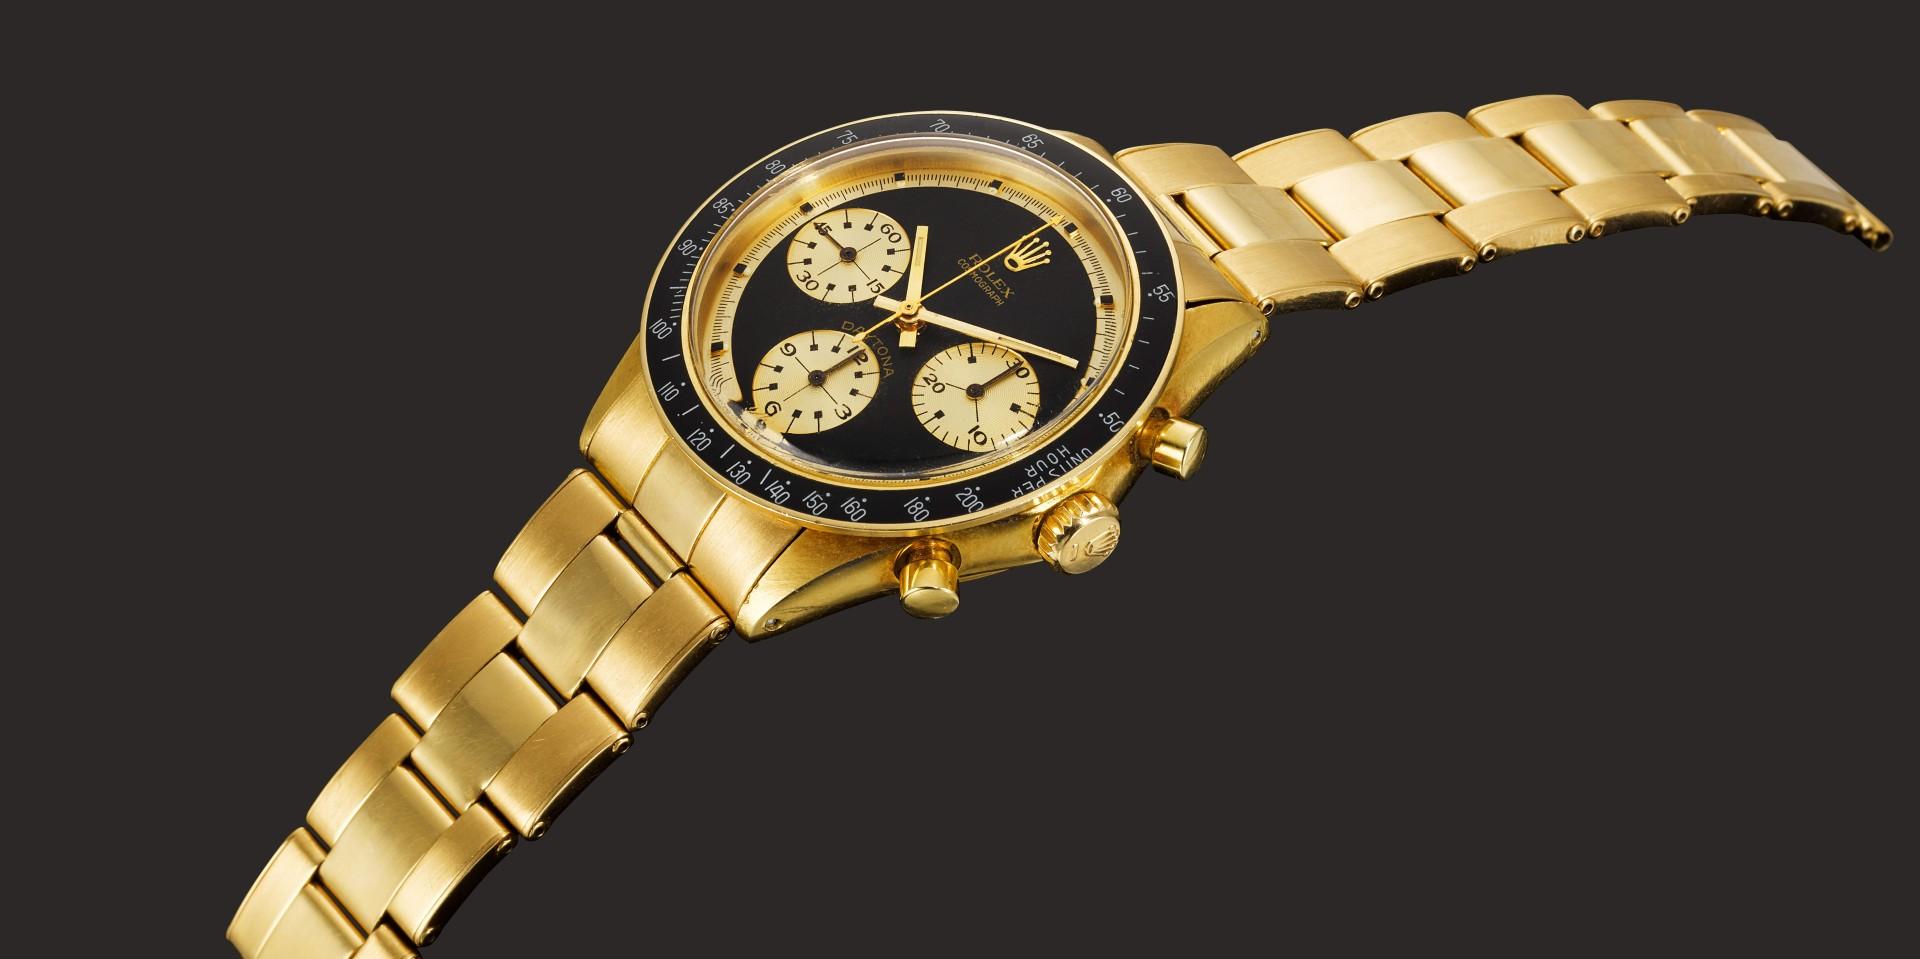 您將有機會擁有一枚極珍稀的勞力士 Daytona 「John Player Special」腕錶